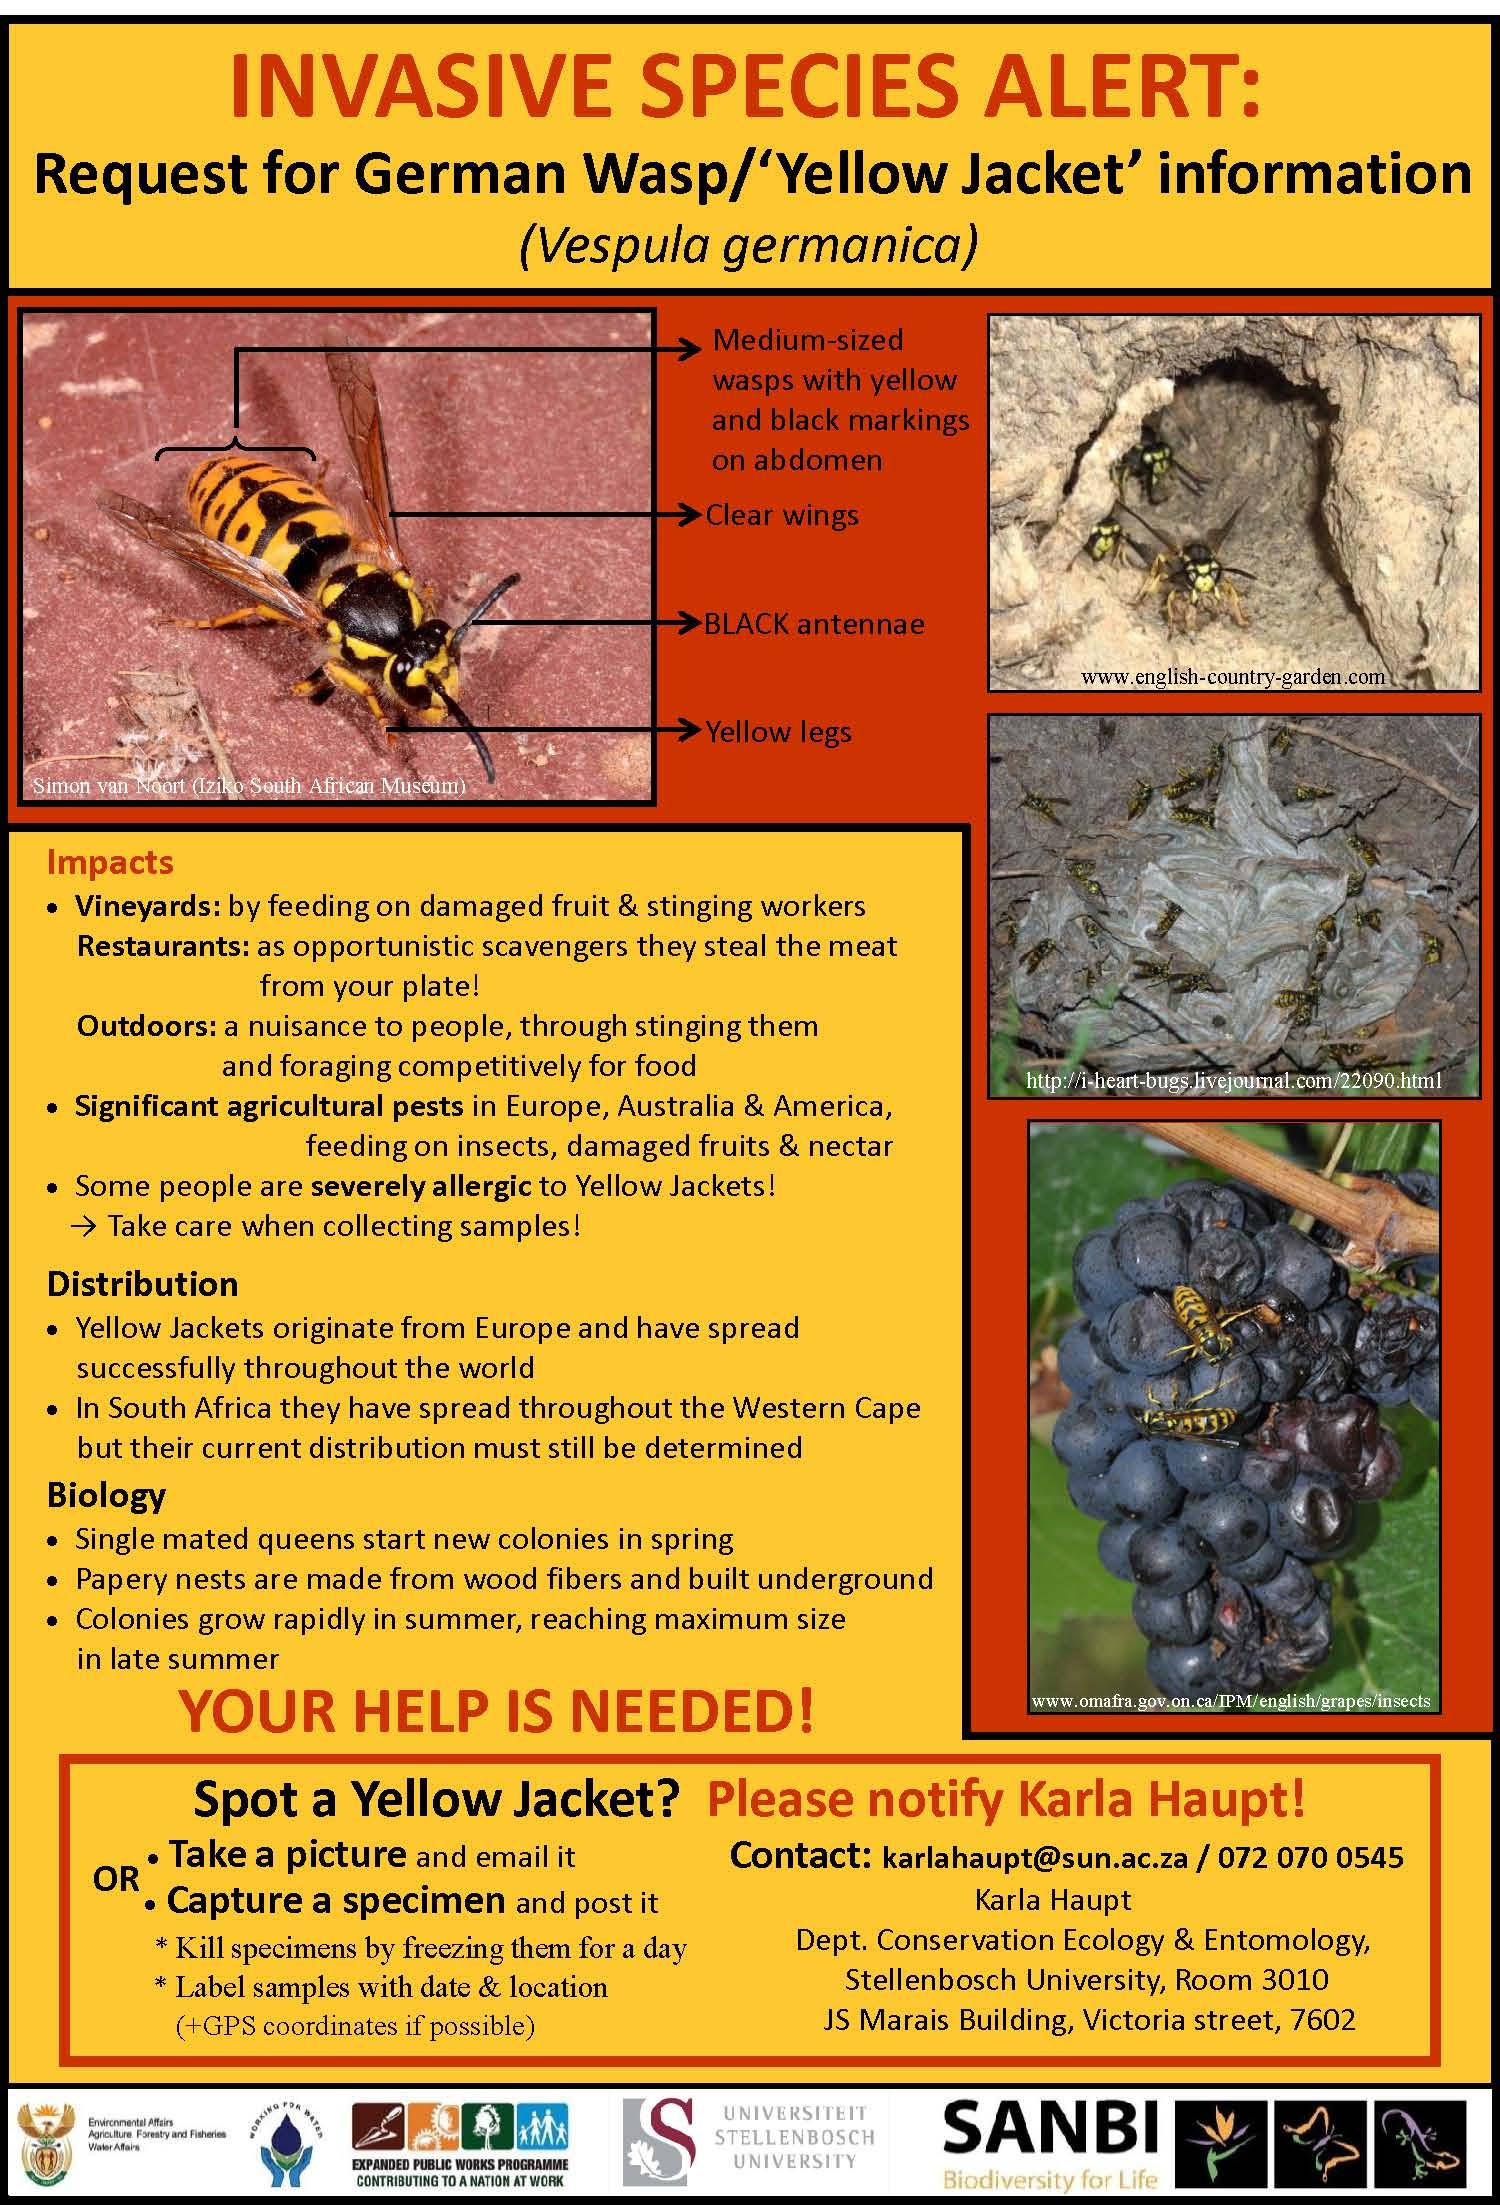 Invasive Wasp Alert.jpg